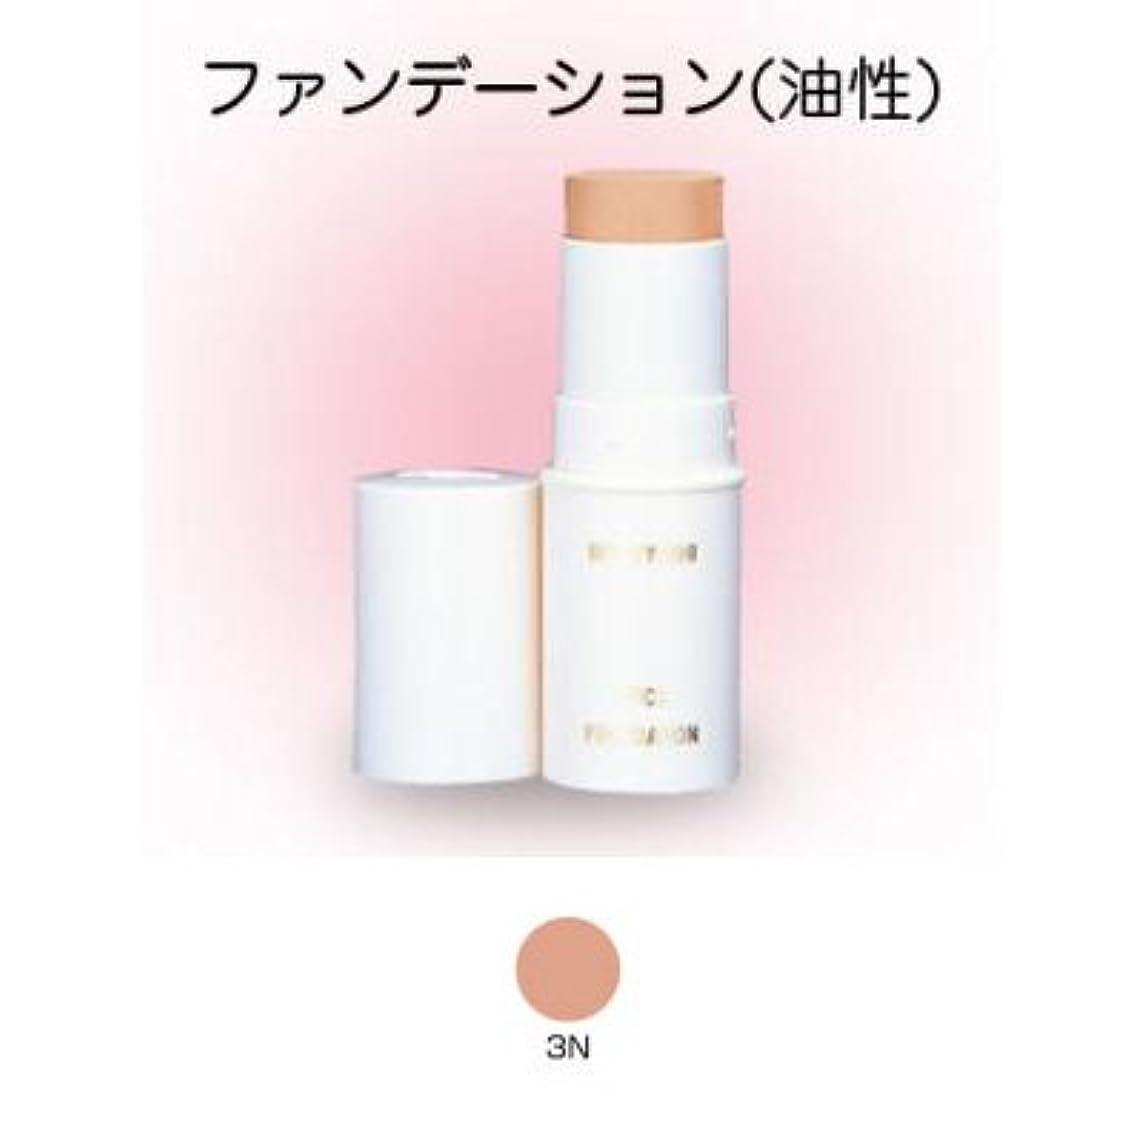 再開明るい絶望スティックファンデーション 16g 3N 【三善】